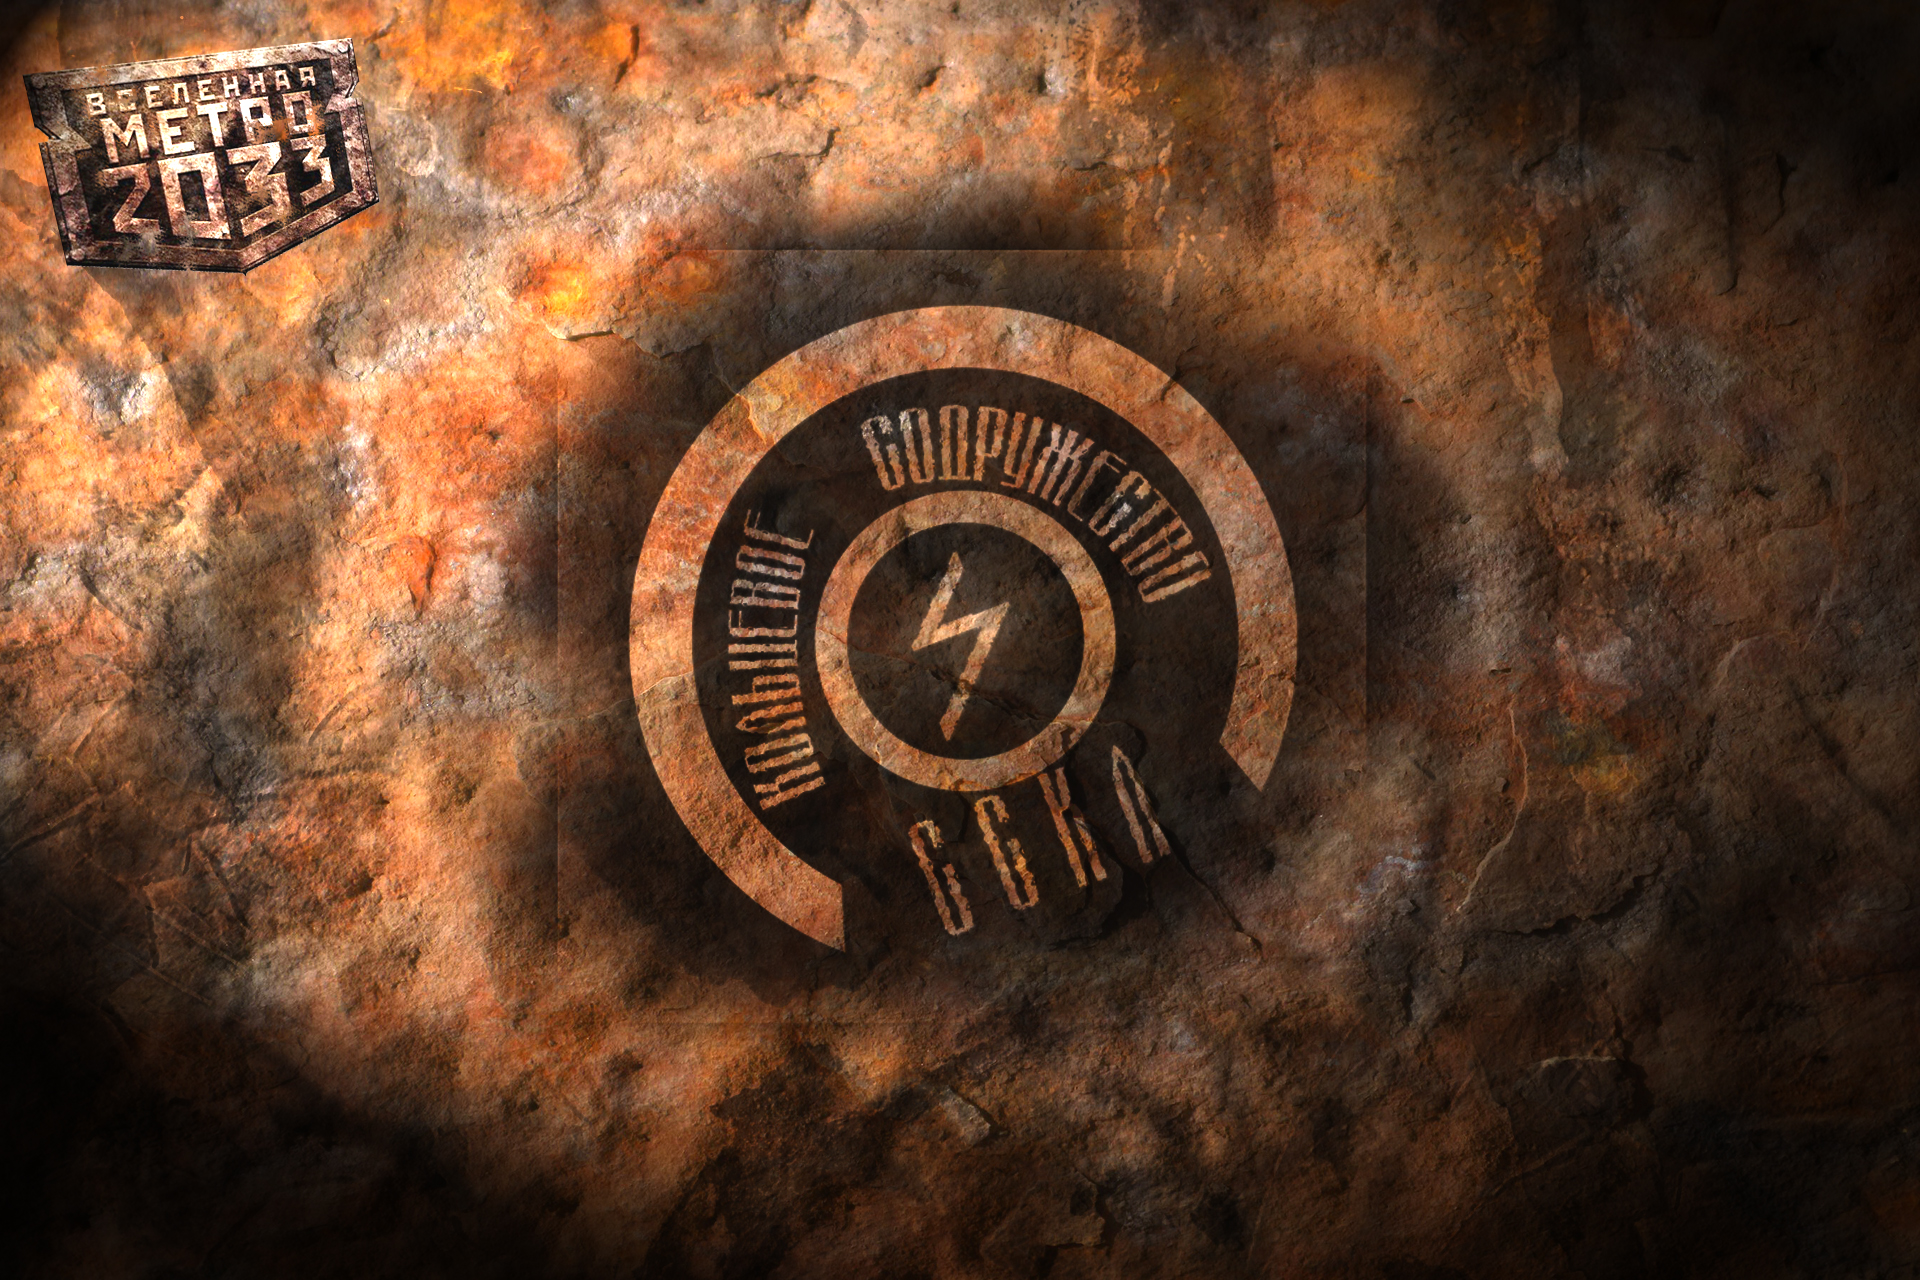 Вселенная метро 2033 скачать бесплатно - d05